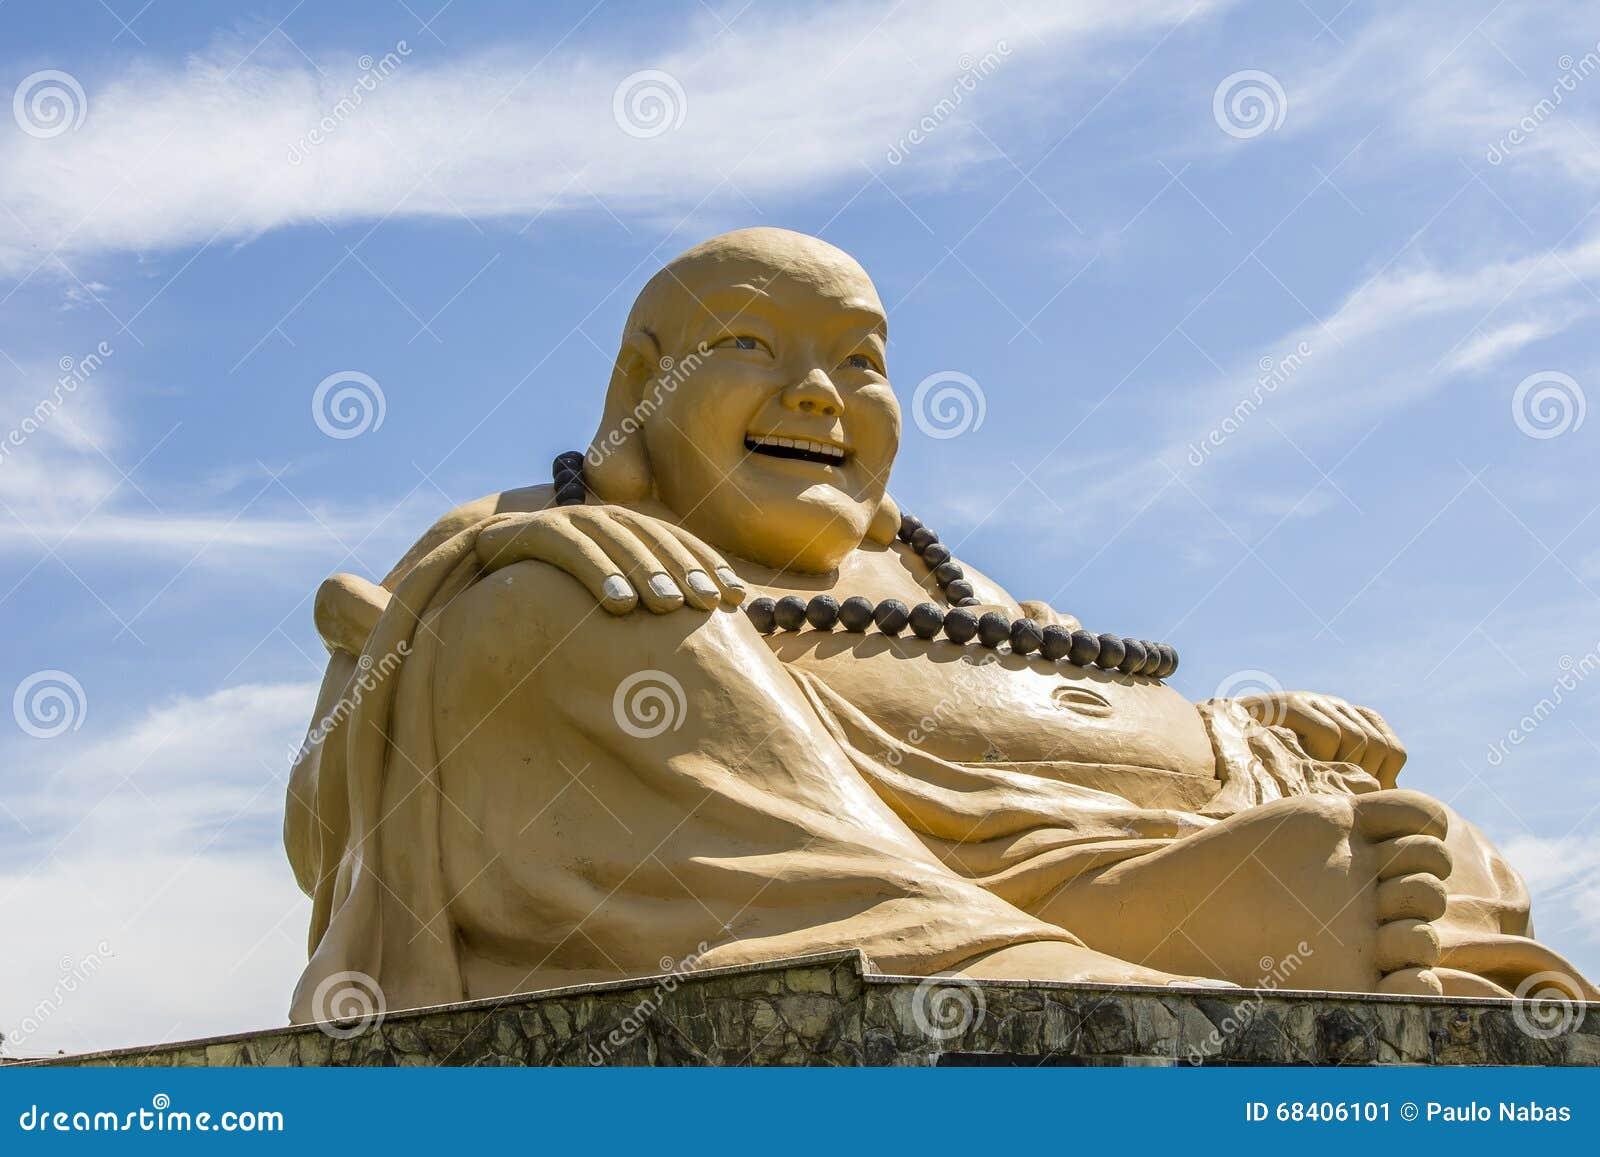 Giant buda, Buddhist Temple, Foz do Iguacu, Brazil.